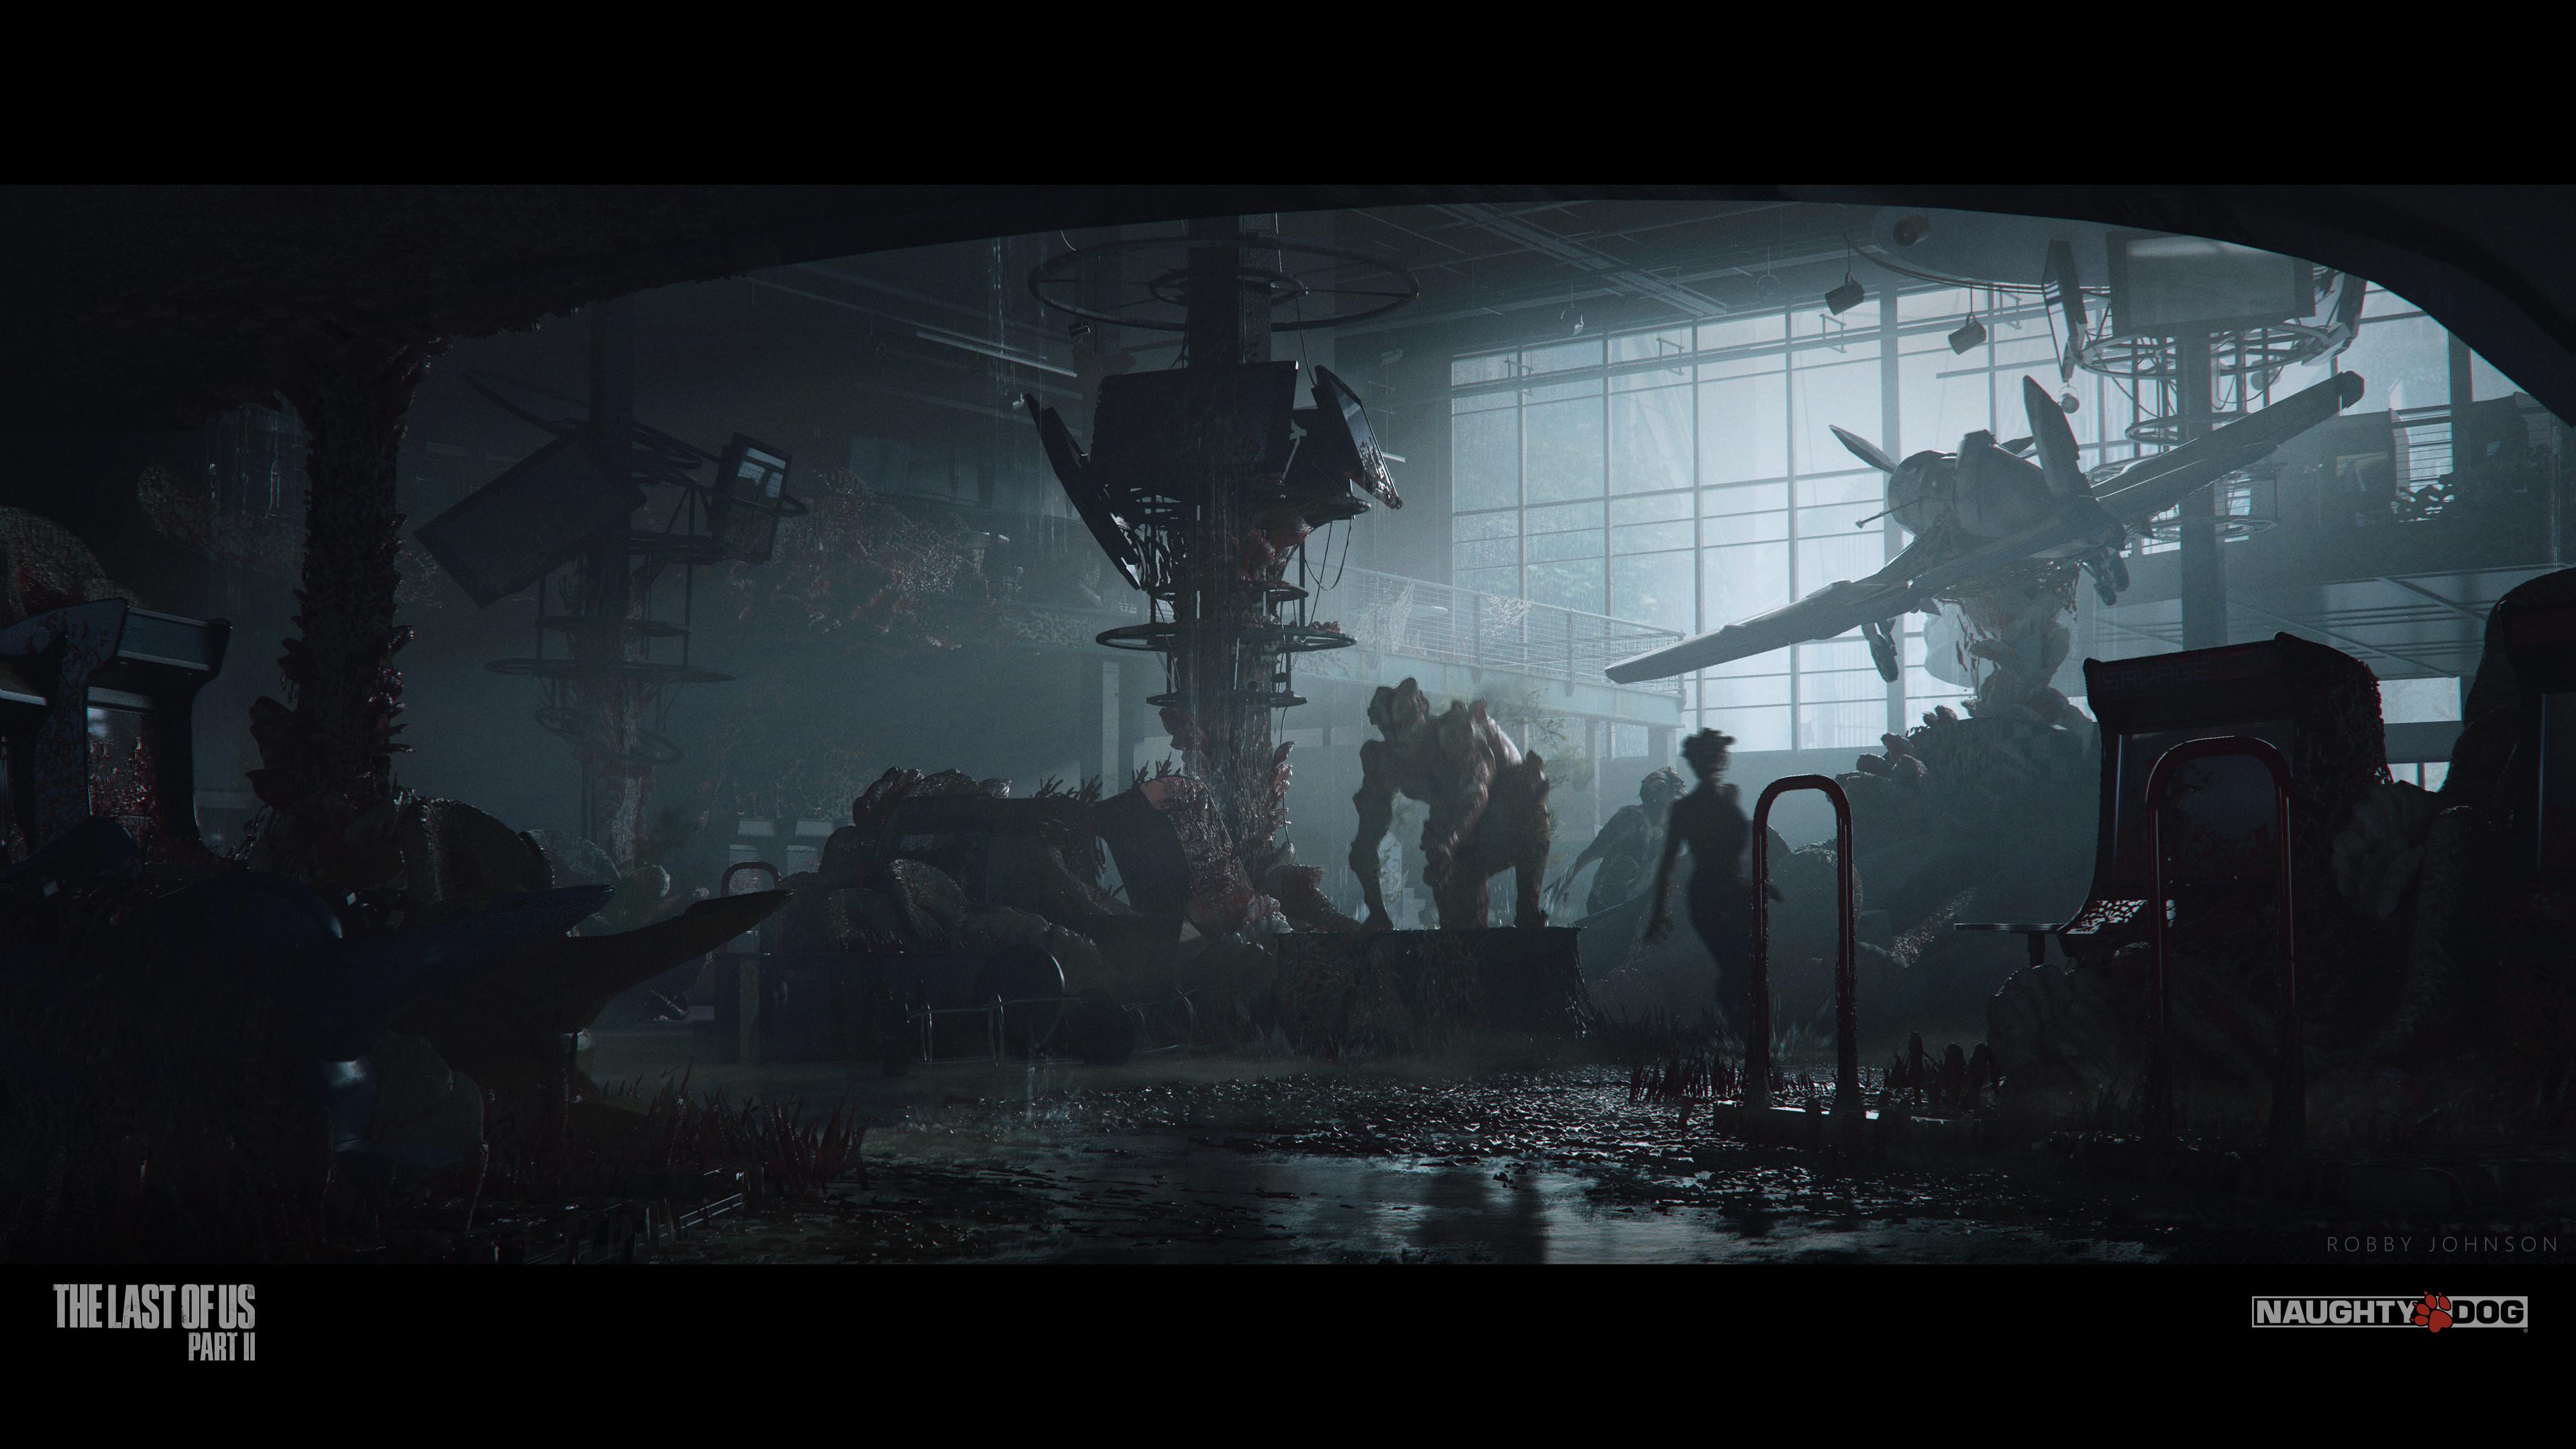 Концепты и арты по The Last of Us 2 от художников Naughty Dog